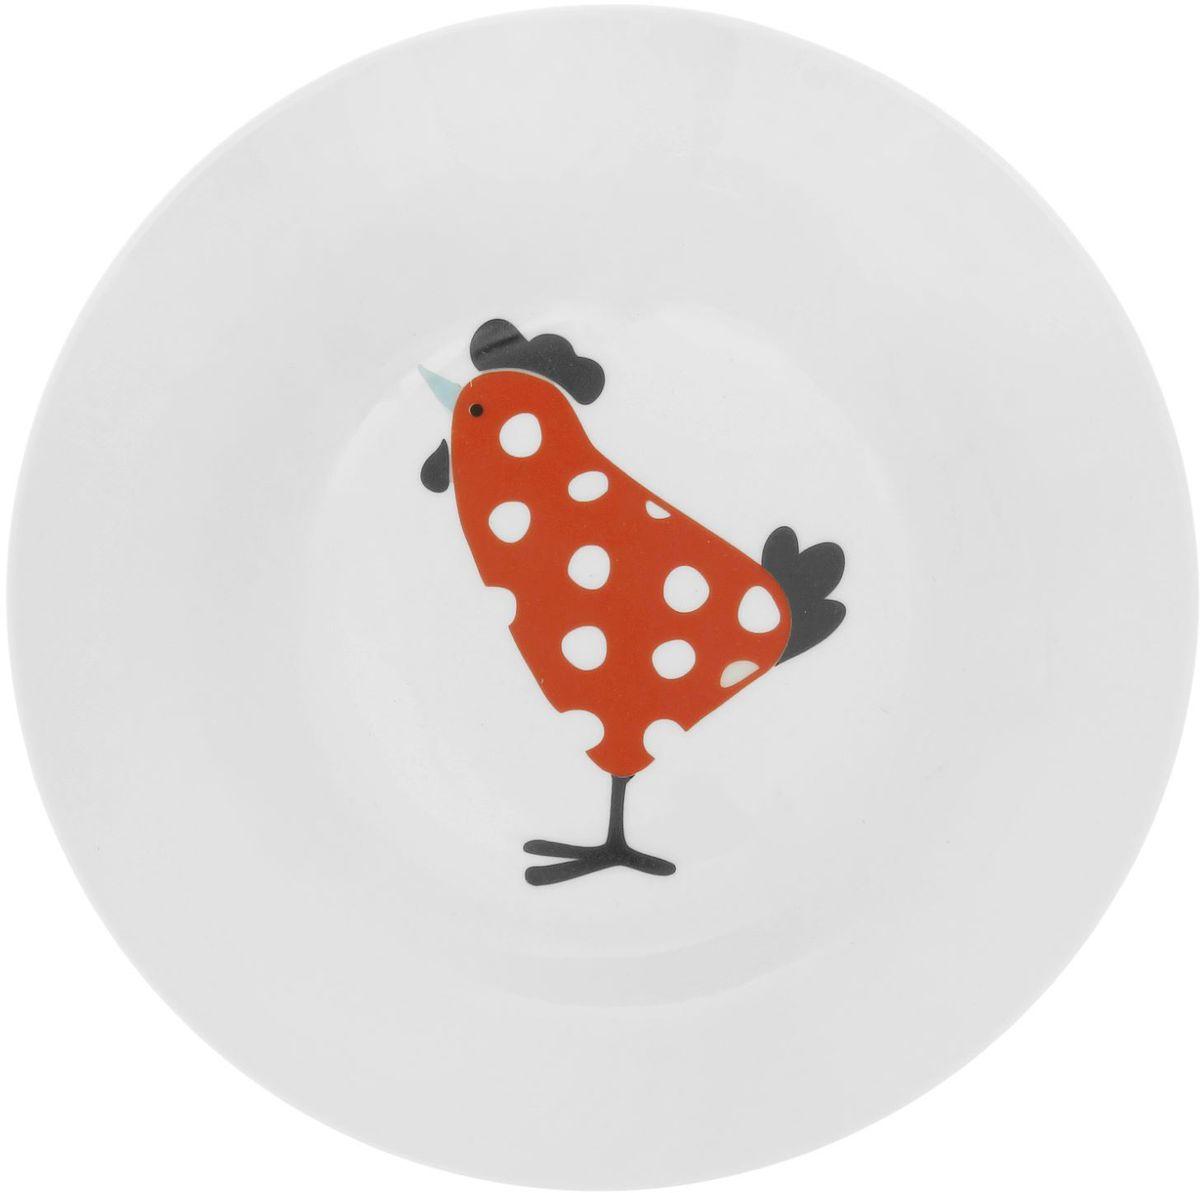 Тарелка глубокая Сотвори чудо My Chicken, диаметр 20 см54 009312Хотите обновить интерьер кухни или гостиной? Устраиваете необычную фотосессию или тематический праздник? А может, просто ищете подарок для близкого человека? Посуда Сотвори Чудо — правильный выбор в любой ситуации. Тарелка Сотвори Чудо, изготовленная из изящного фаянса нежного сливочного цвета, оформлена оригинальным рисунком со стойкой краской. Пригодна для посудомоечной машины.